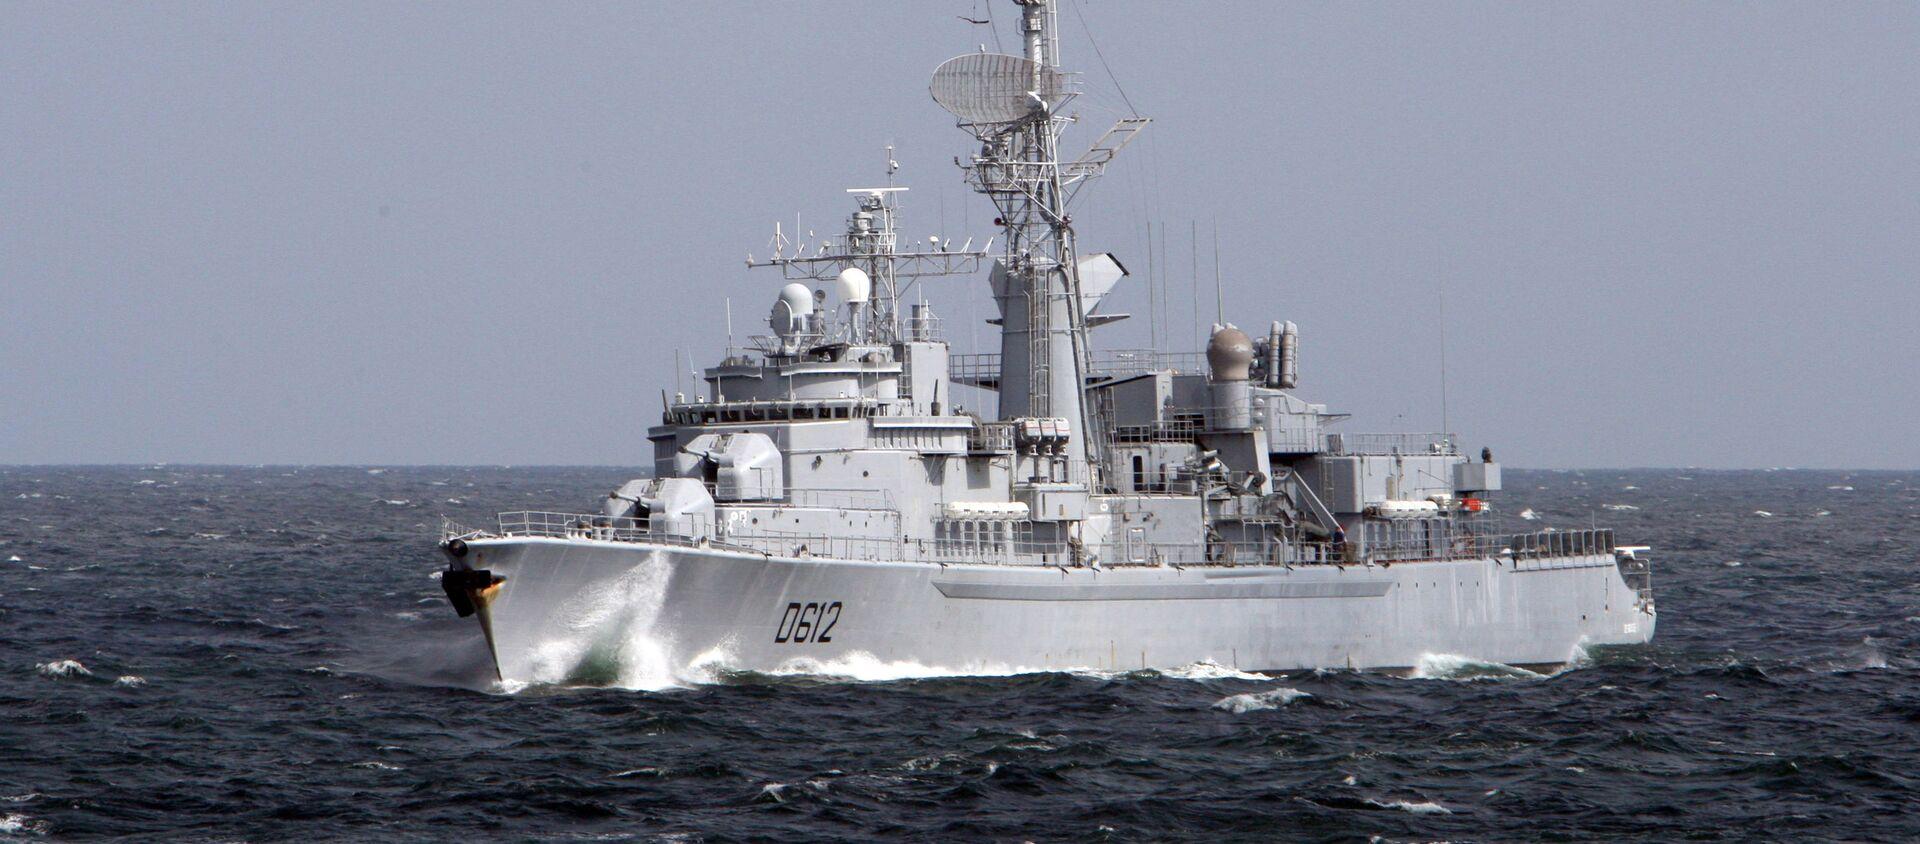 Международные военно-морские учения Фрукус-2012 - Sputnik Узбекистан, 1920, 15.06.2020